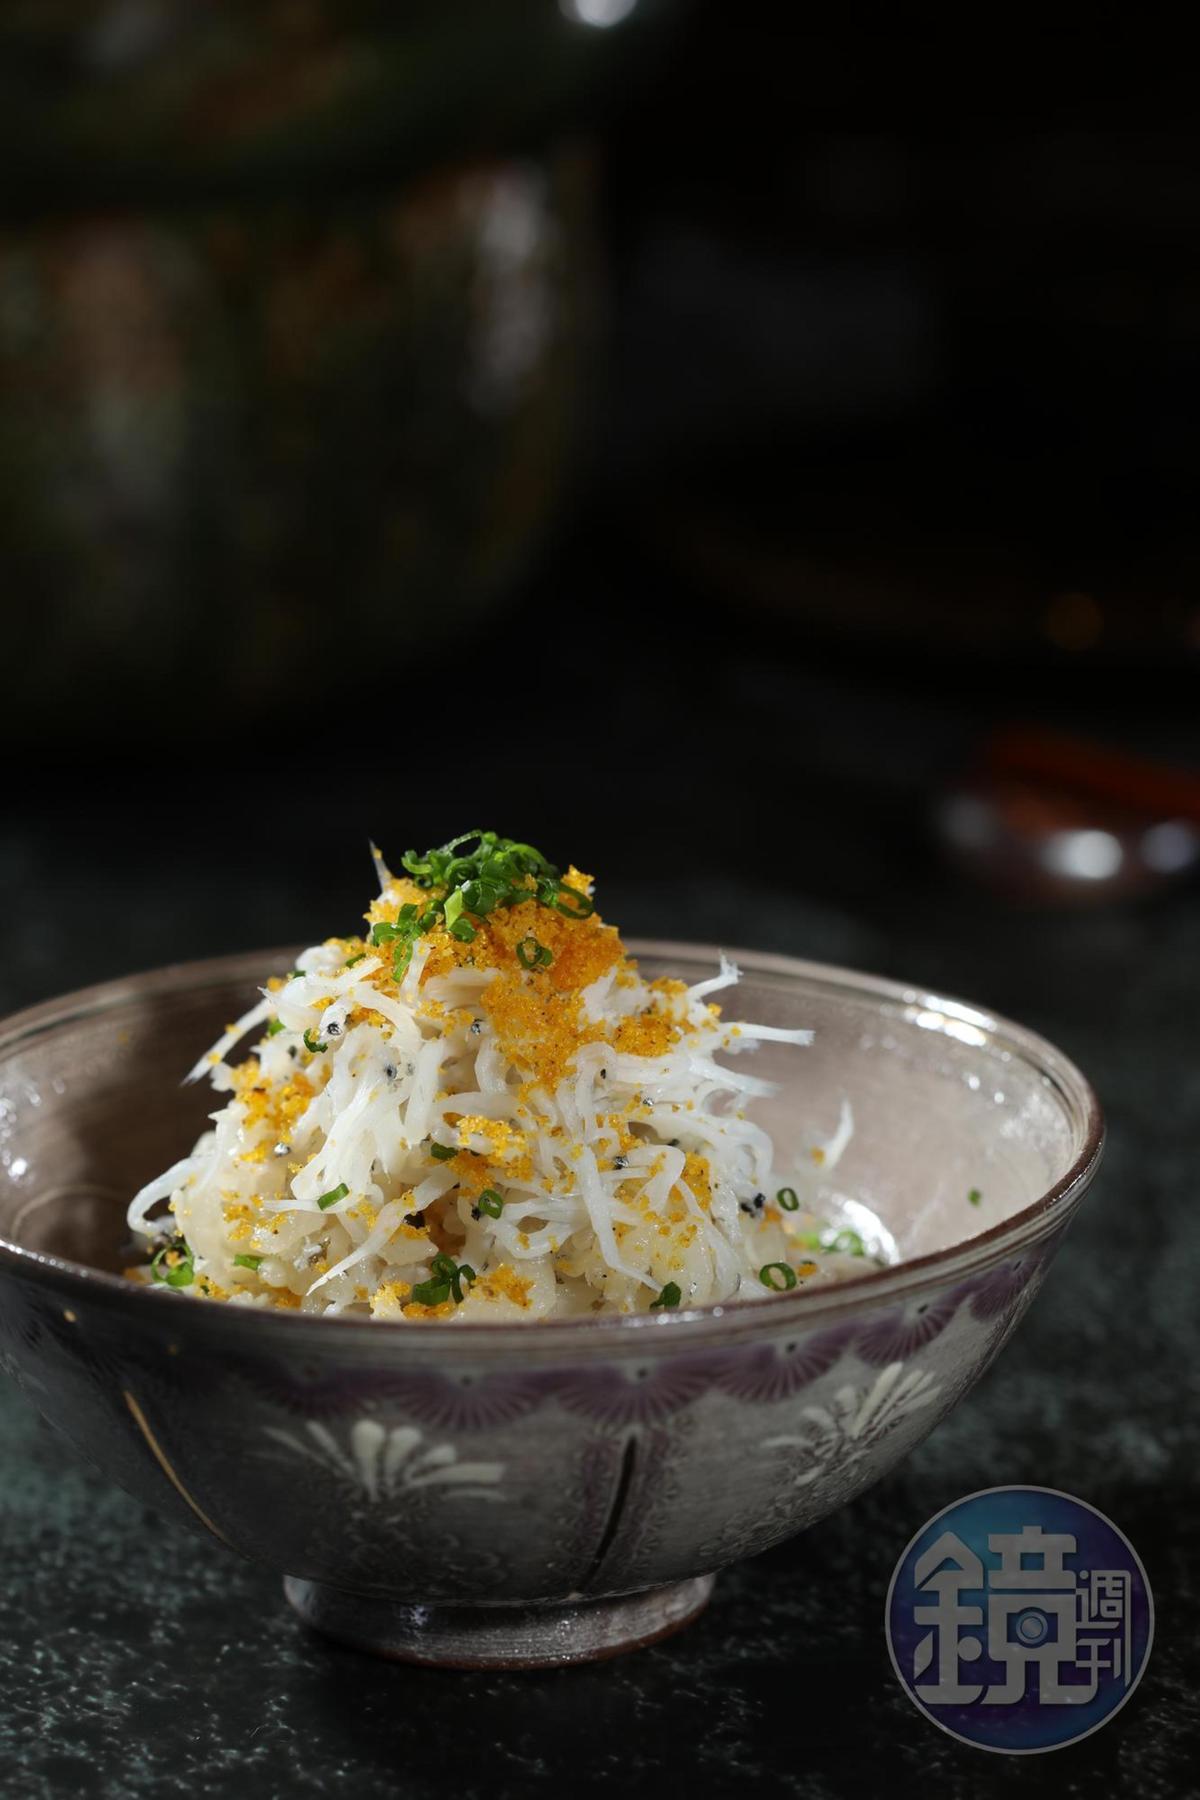 「吻仔魚炙燒烏魚子土鍋飯」用有馬山椒搭配烏魚子,有如台日夢幻共演。(晚間套餐菜色)